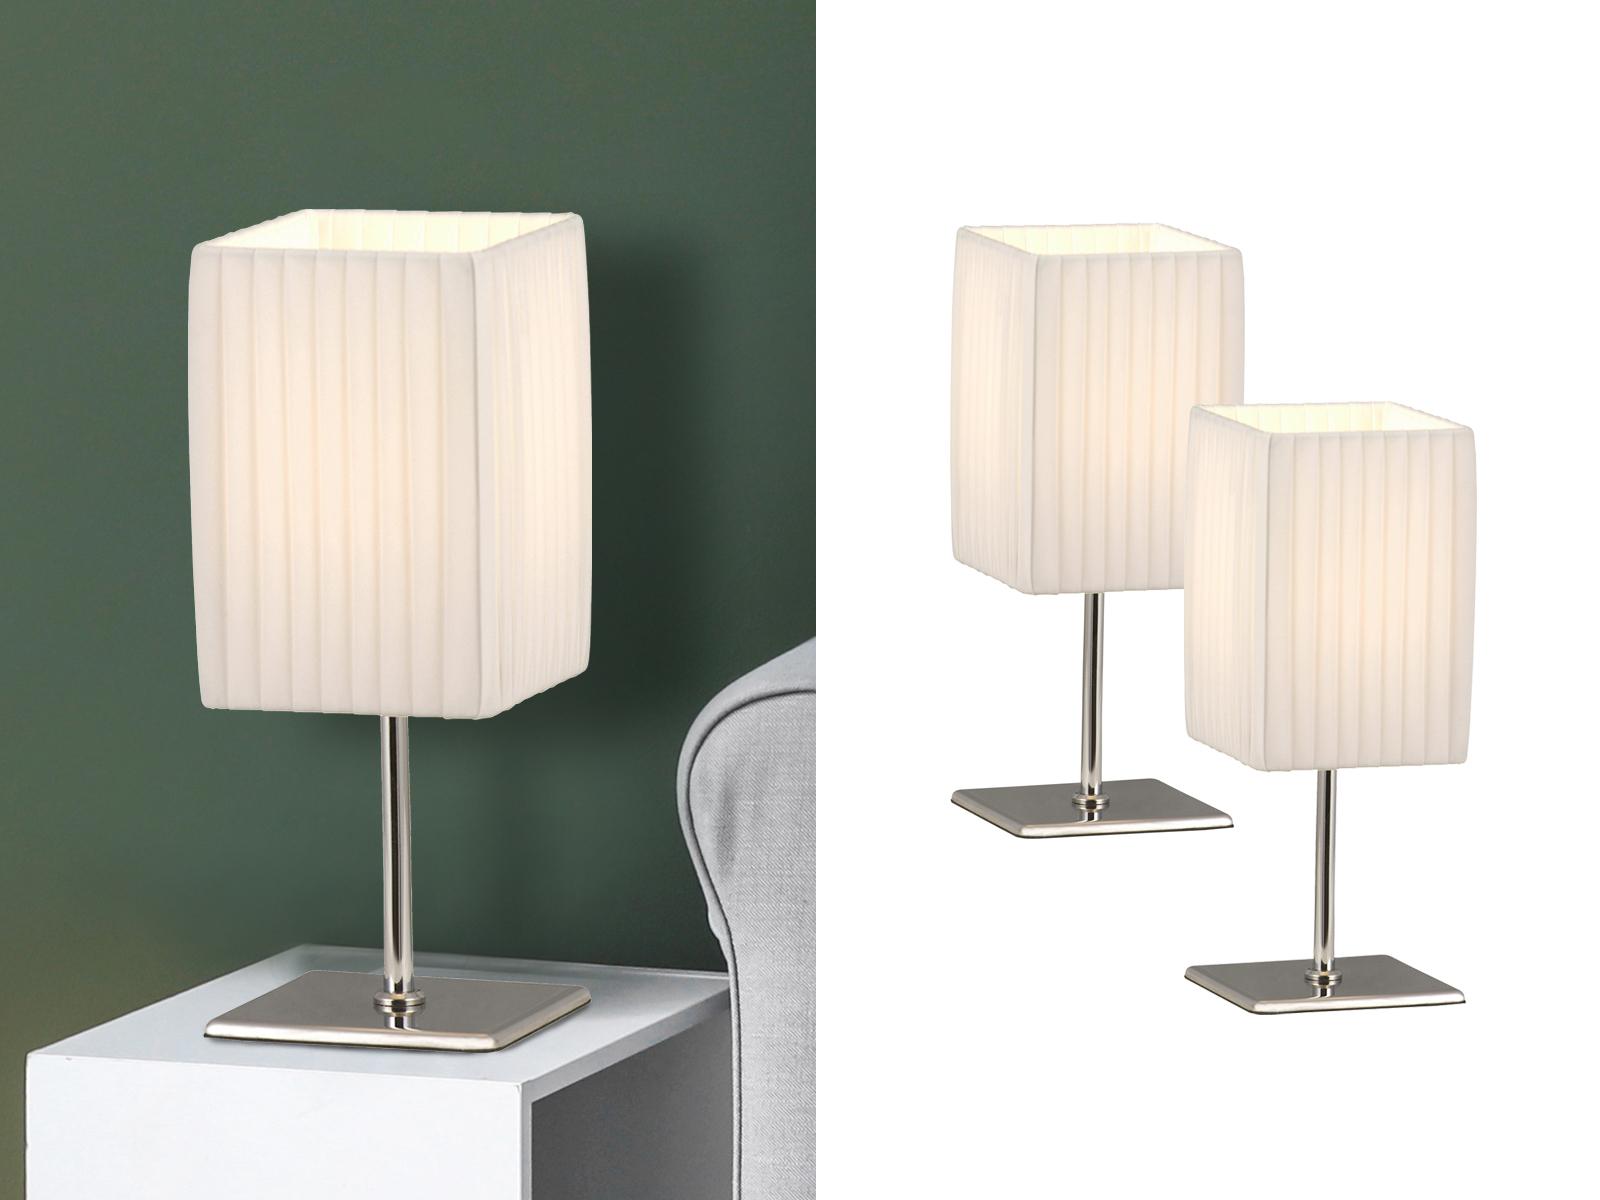 2x Globo Tischlampe BAILEY, Chrom, Faltenschirm, Tischleuchte ...